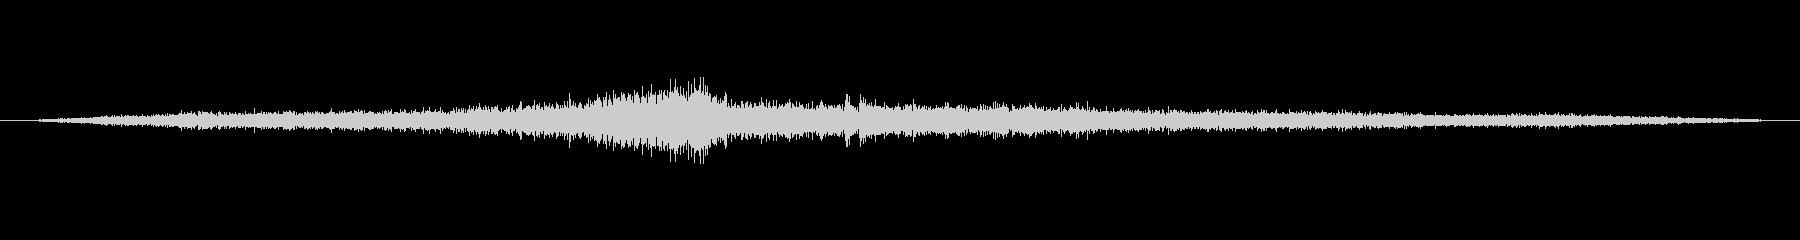 交差点の音3の未再生の波形